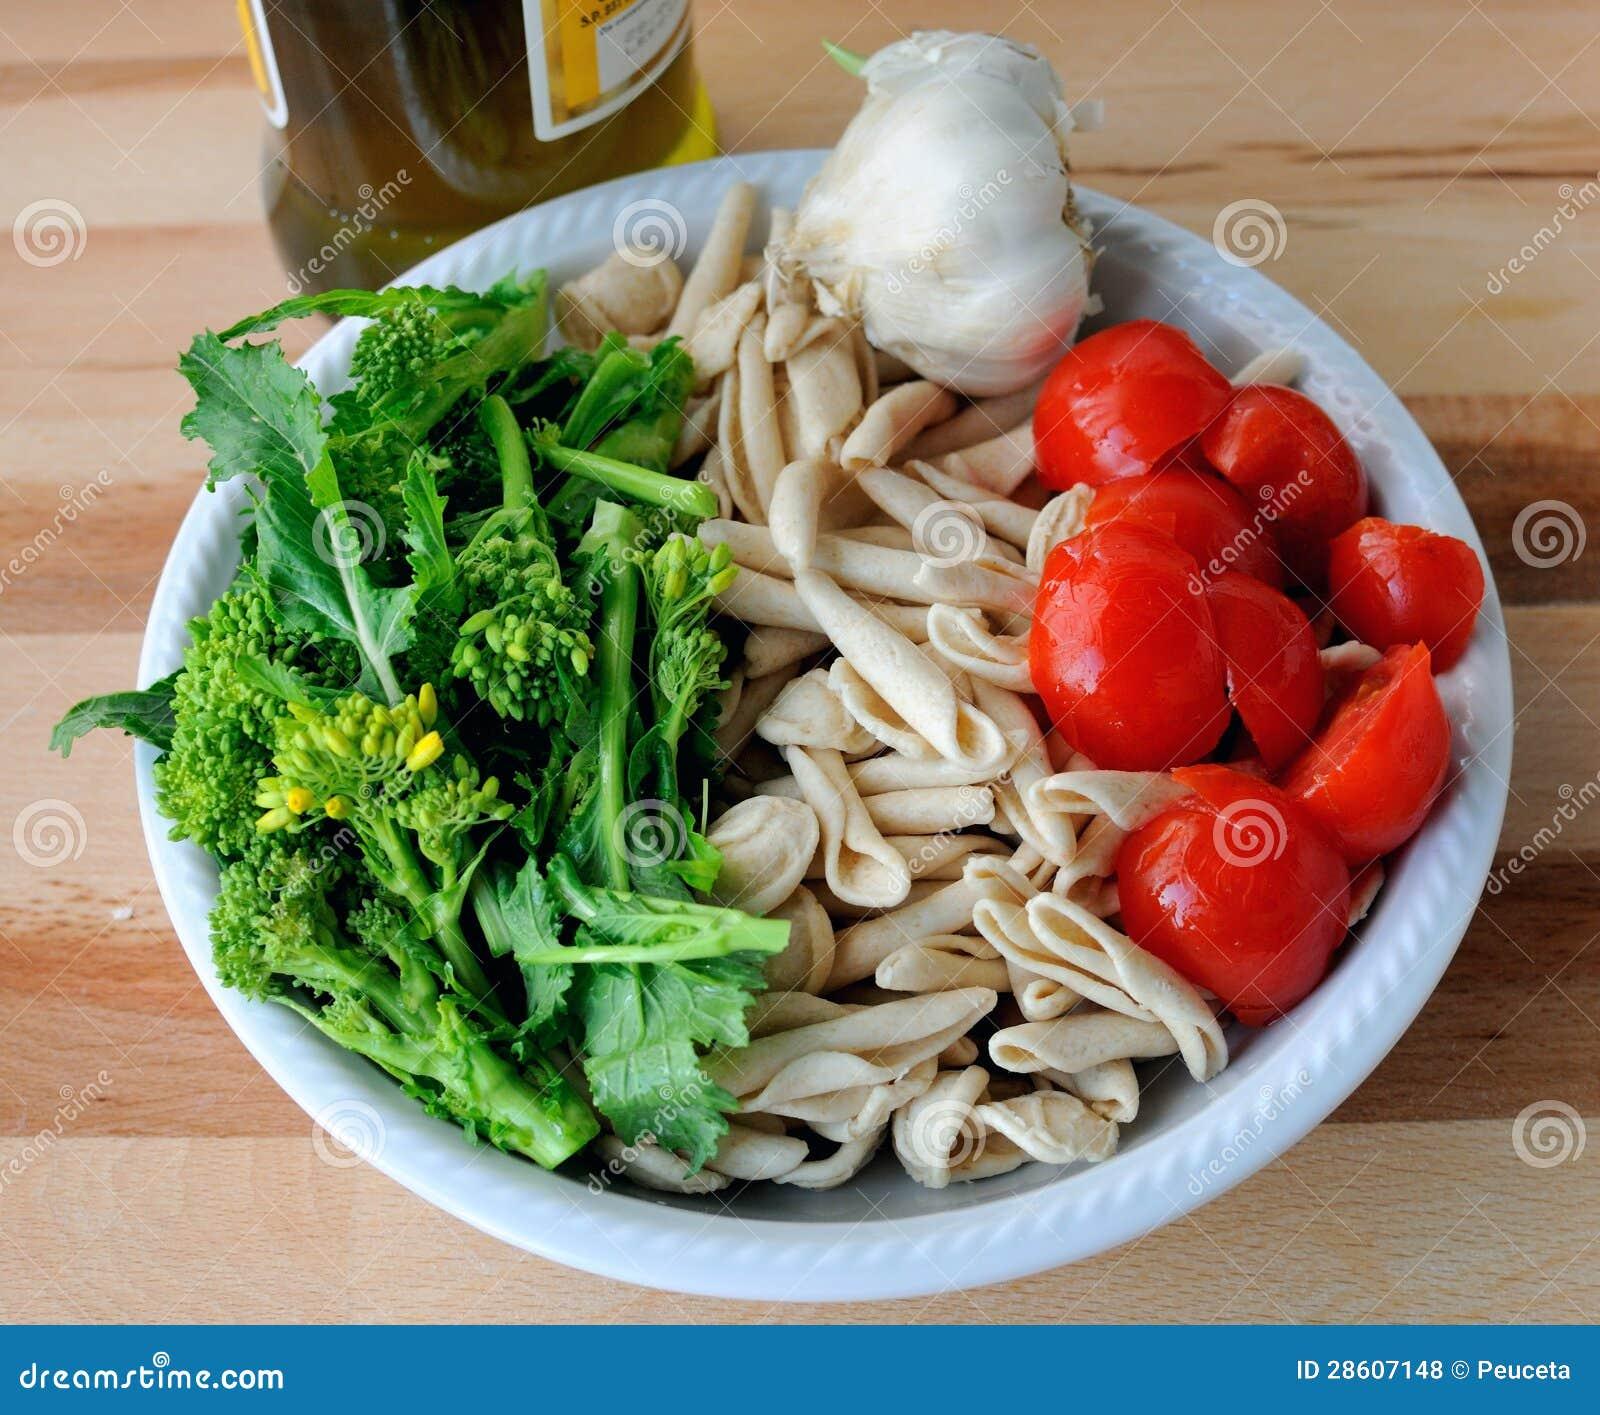 Immagini Stock Simili Di ` Cucina Italiana Orecchiette E Cime Di  #BC1E0F 1300 1166 Immagini Di Cucina E Soggiorno Insieme